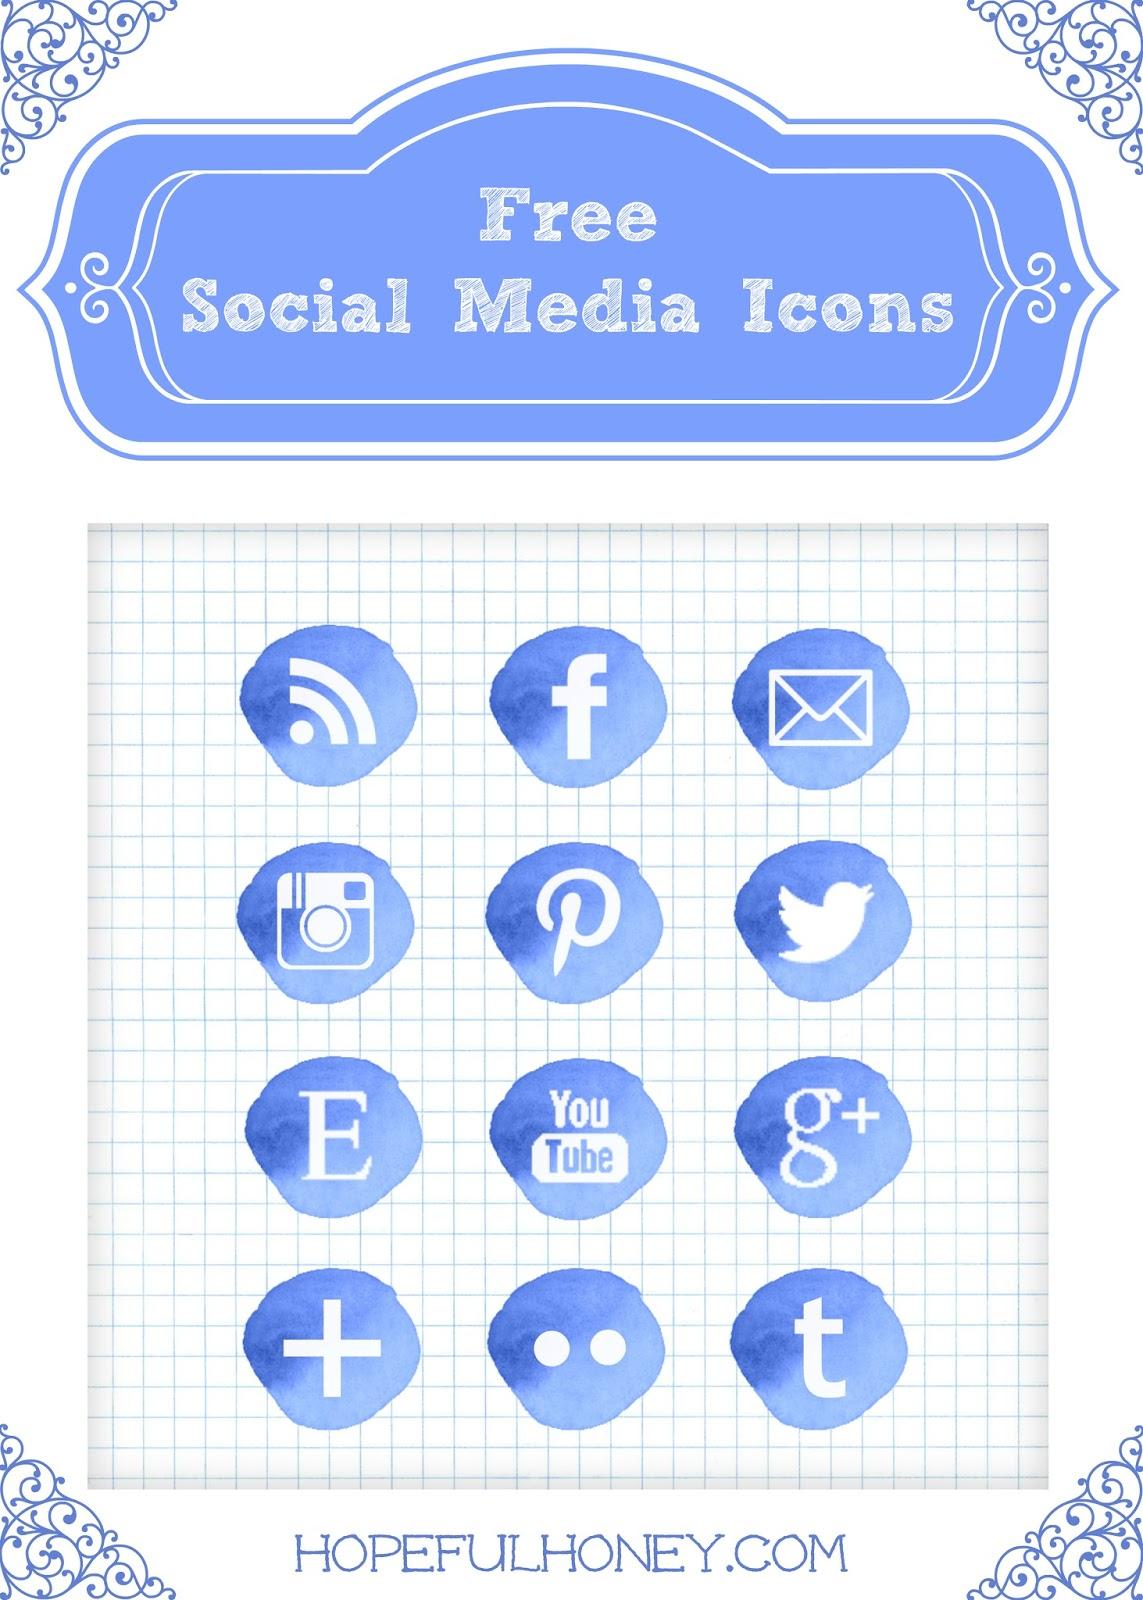 http://1.bp.blogspot.com/-nedmDCo-FxM/UyKLtdOteUI/AAAAAAAAH5E/_mJ4SzFgqHY/s1600/Free+Blue+Watercolour+Social+Media+Icons.jpg